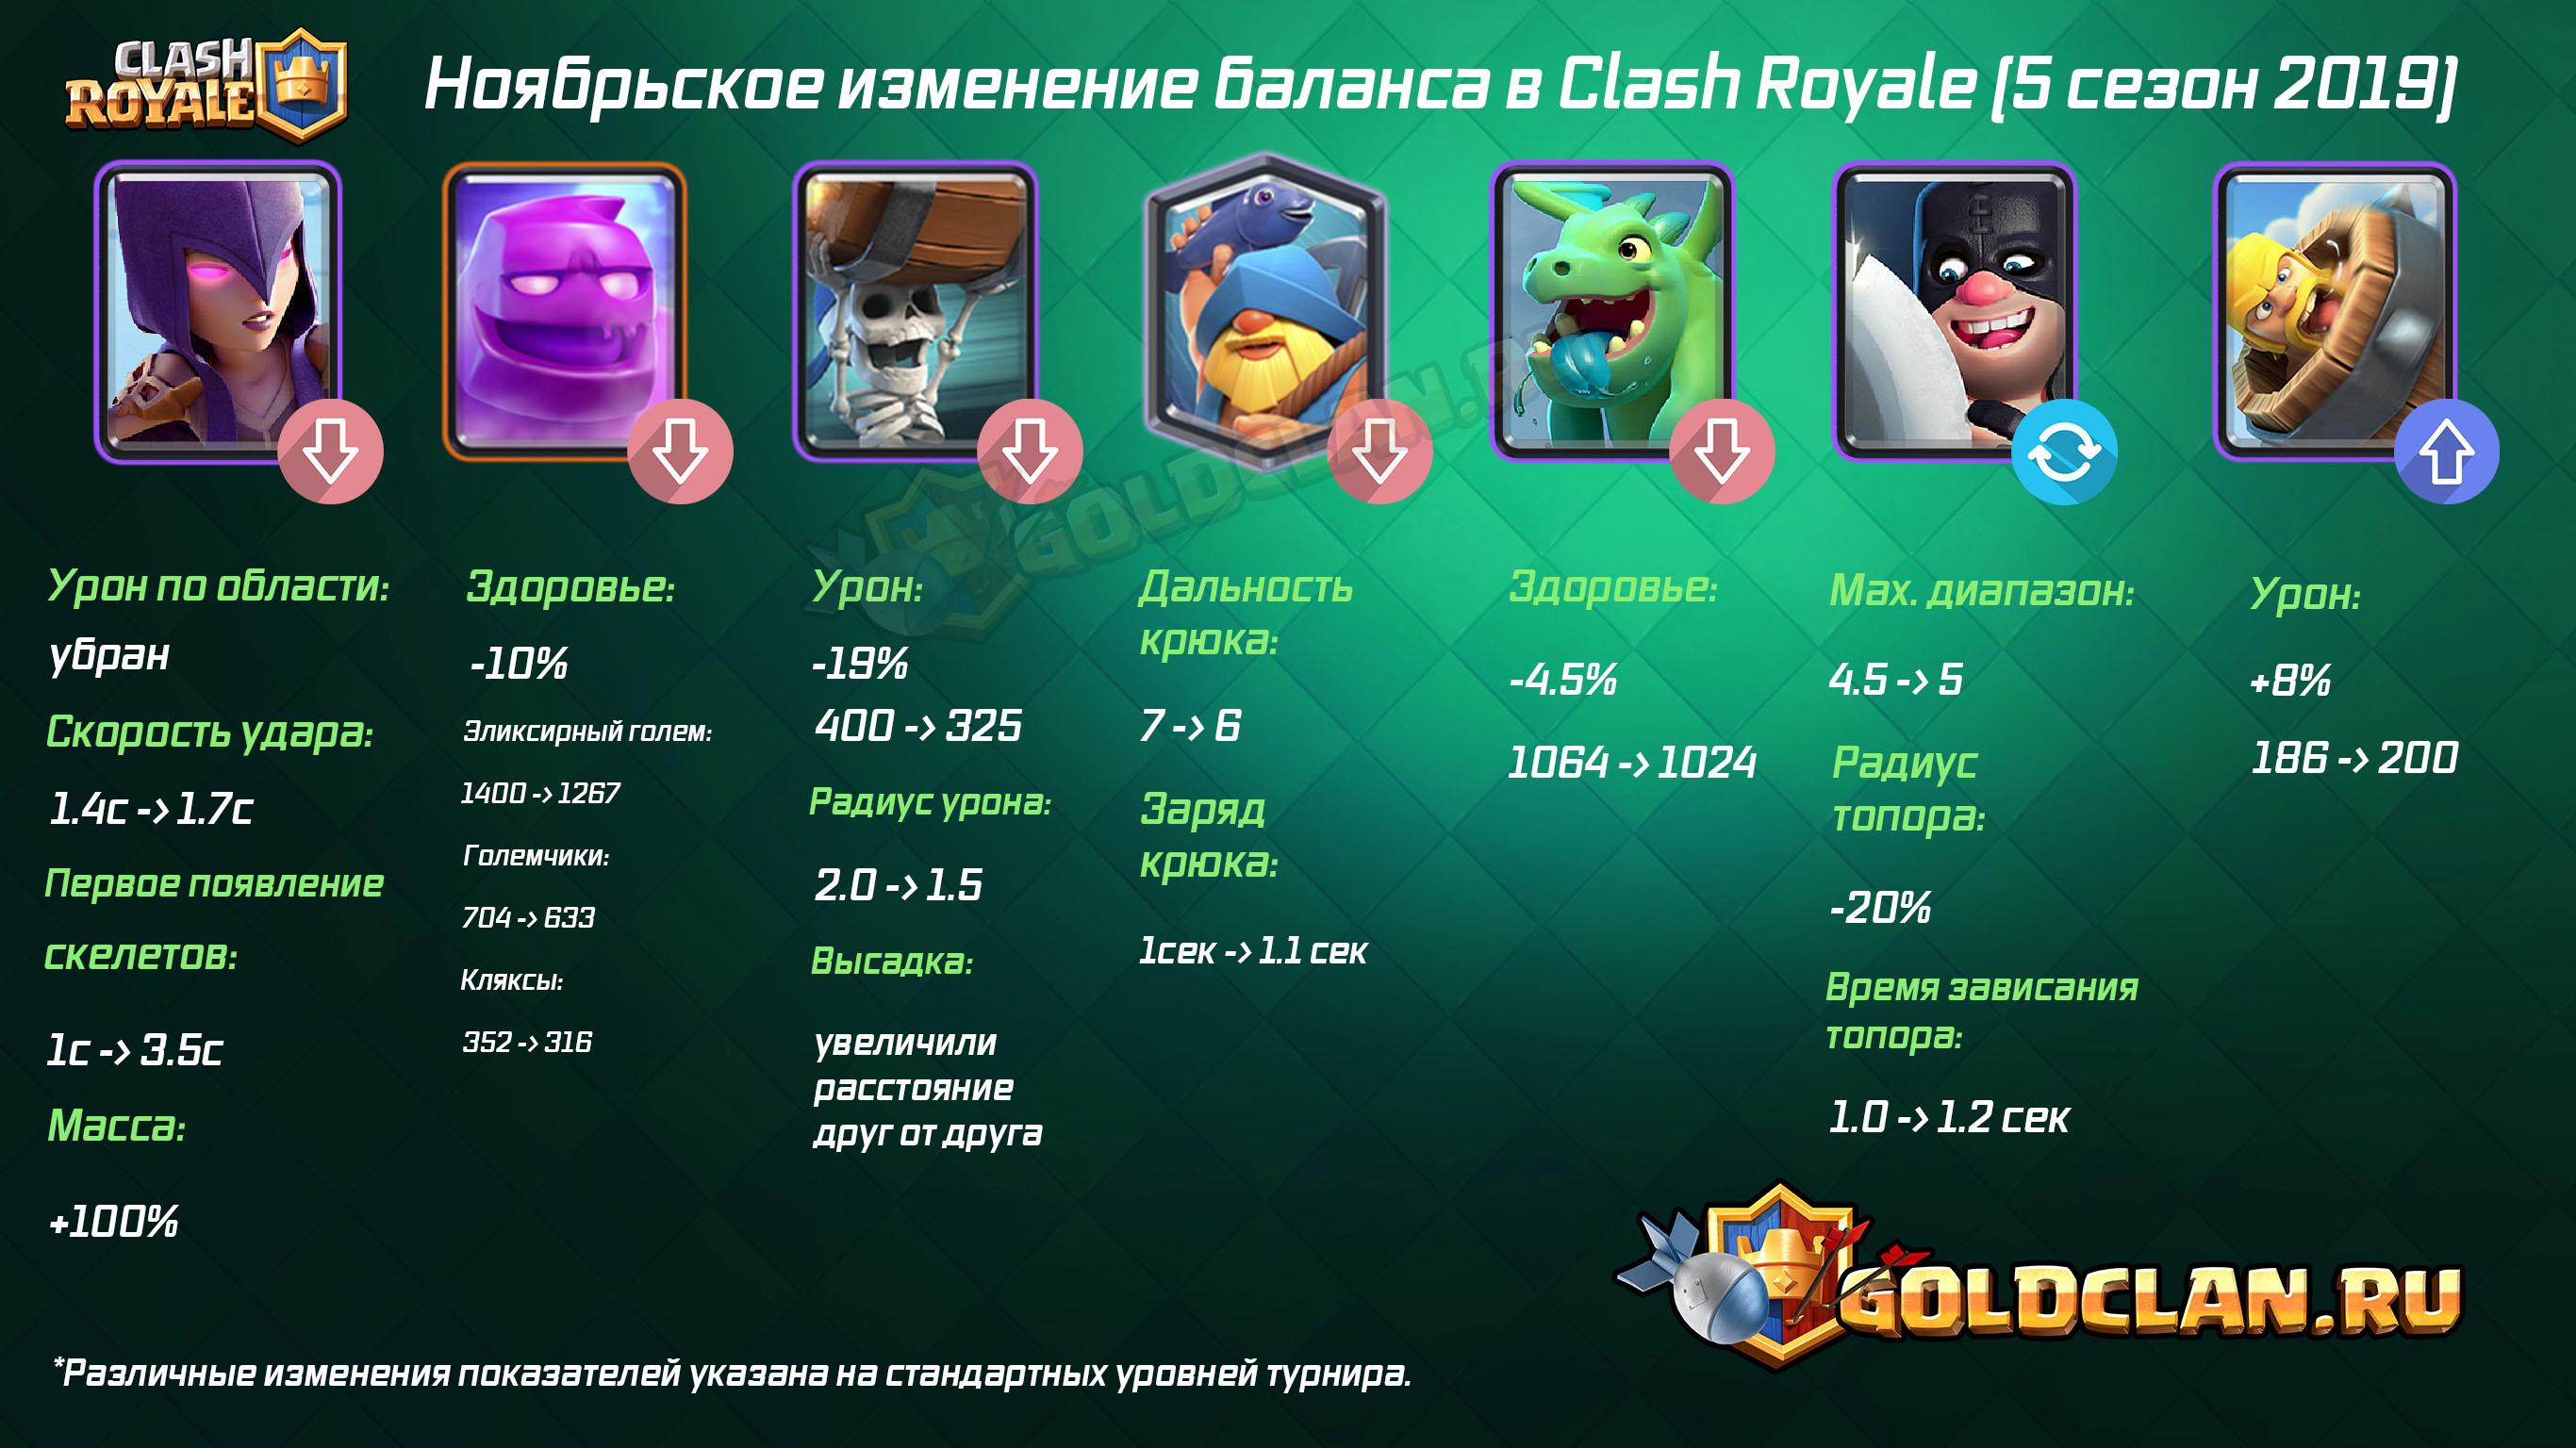 Ноябрьское изменение баланса в Clash Royale (5 сезон 2019)